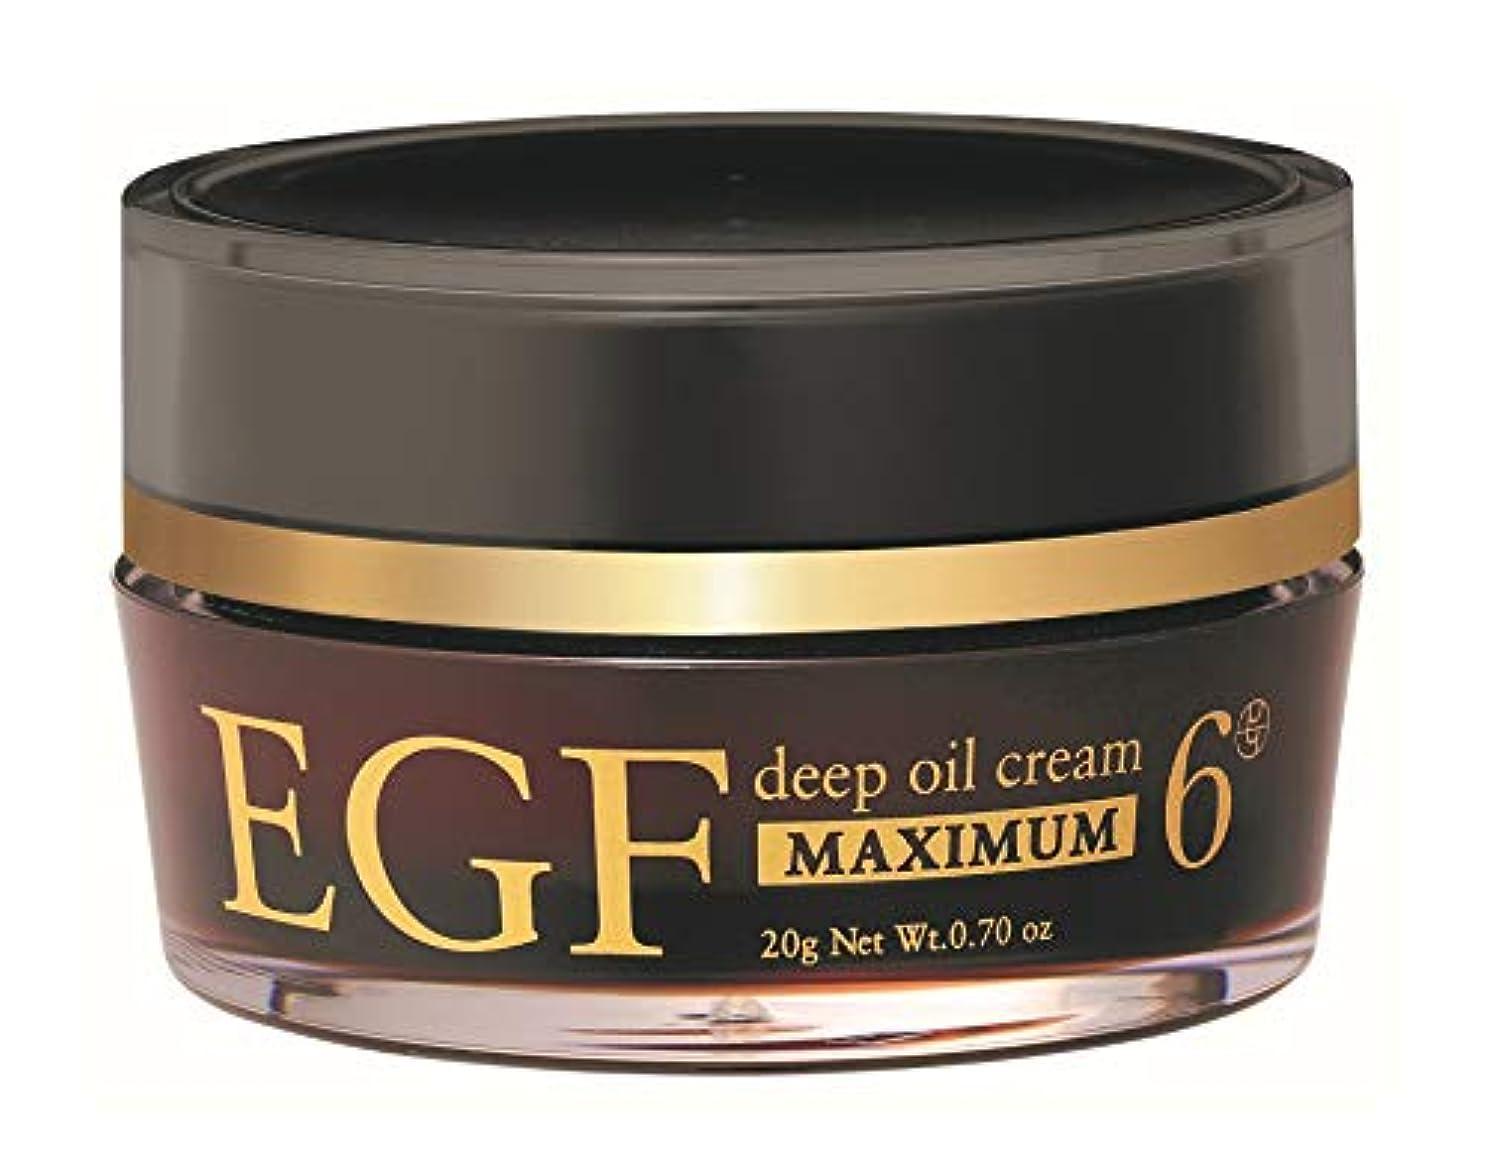 風景合併症立法EGF ディープオイルクリーム マキシマム [ 20g / 濃度6μグラム ] エイジングケア 浸透型オイルクリーム (高濃度EGFクリーム) 日本製